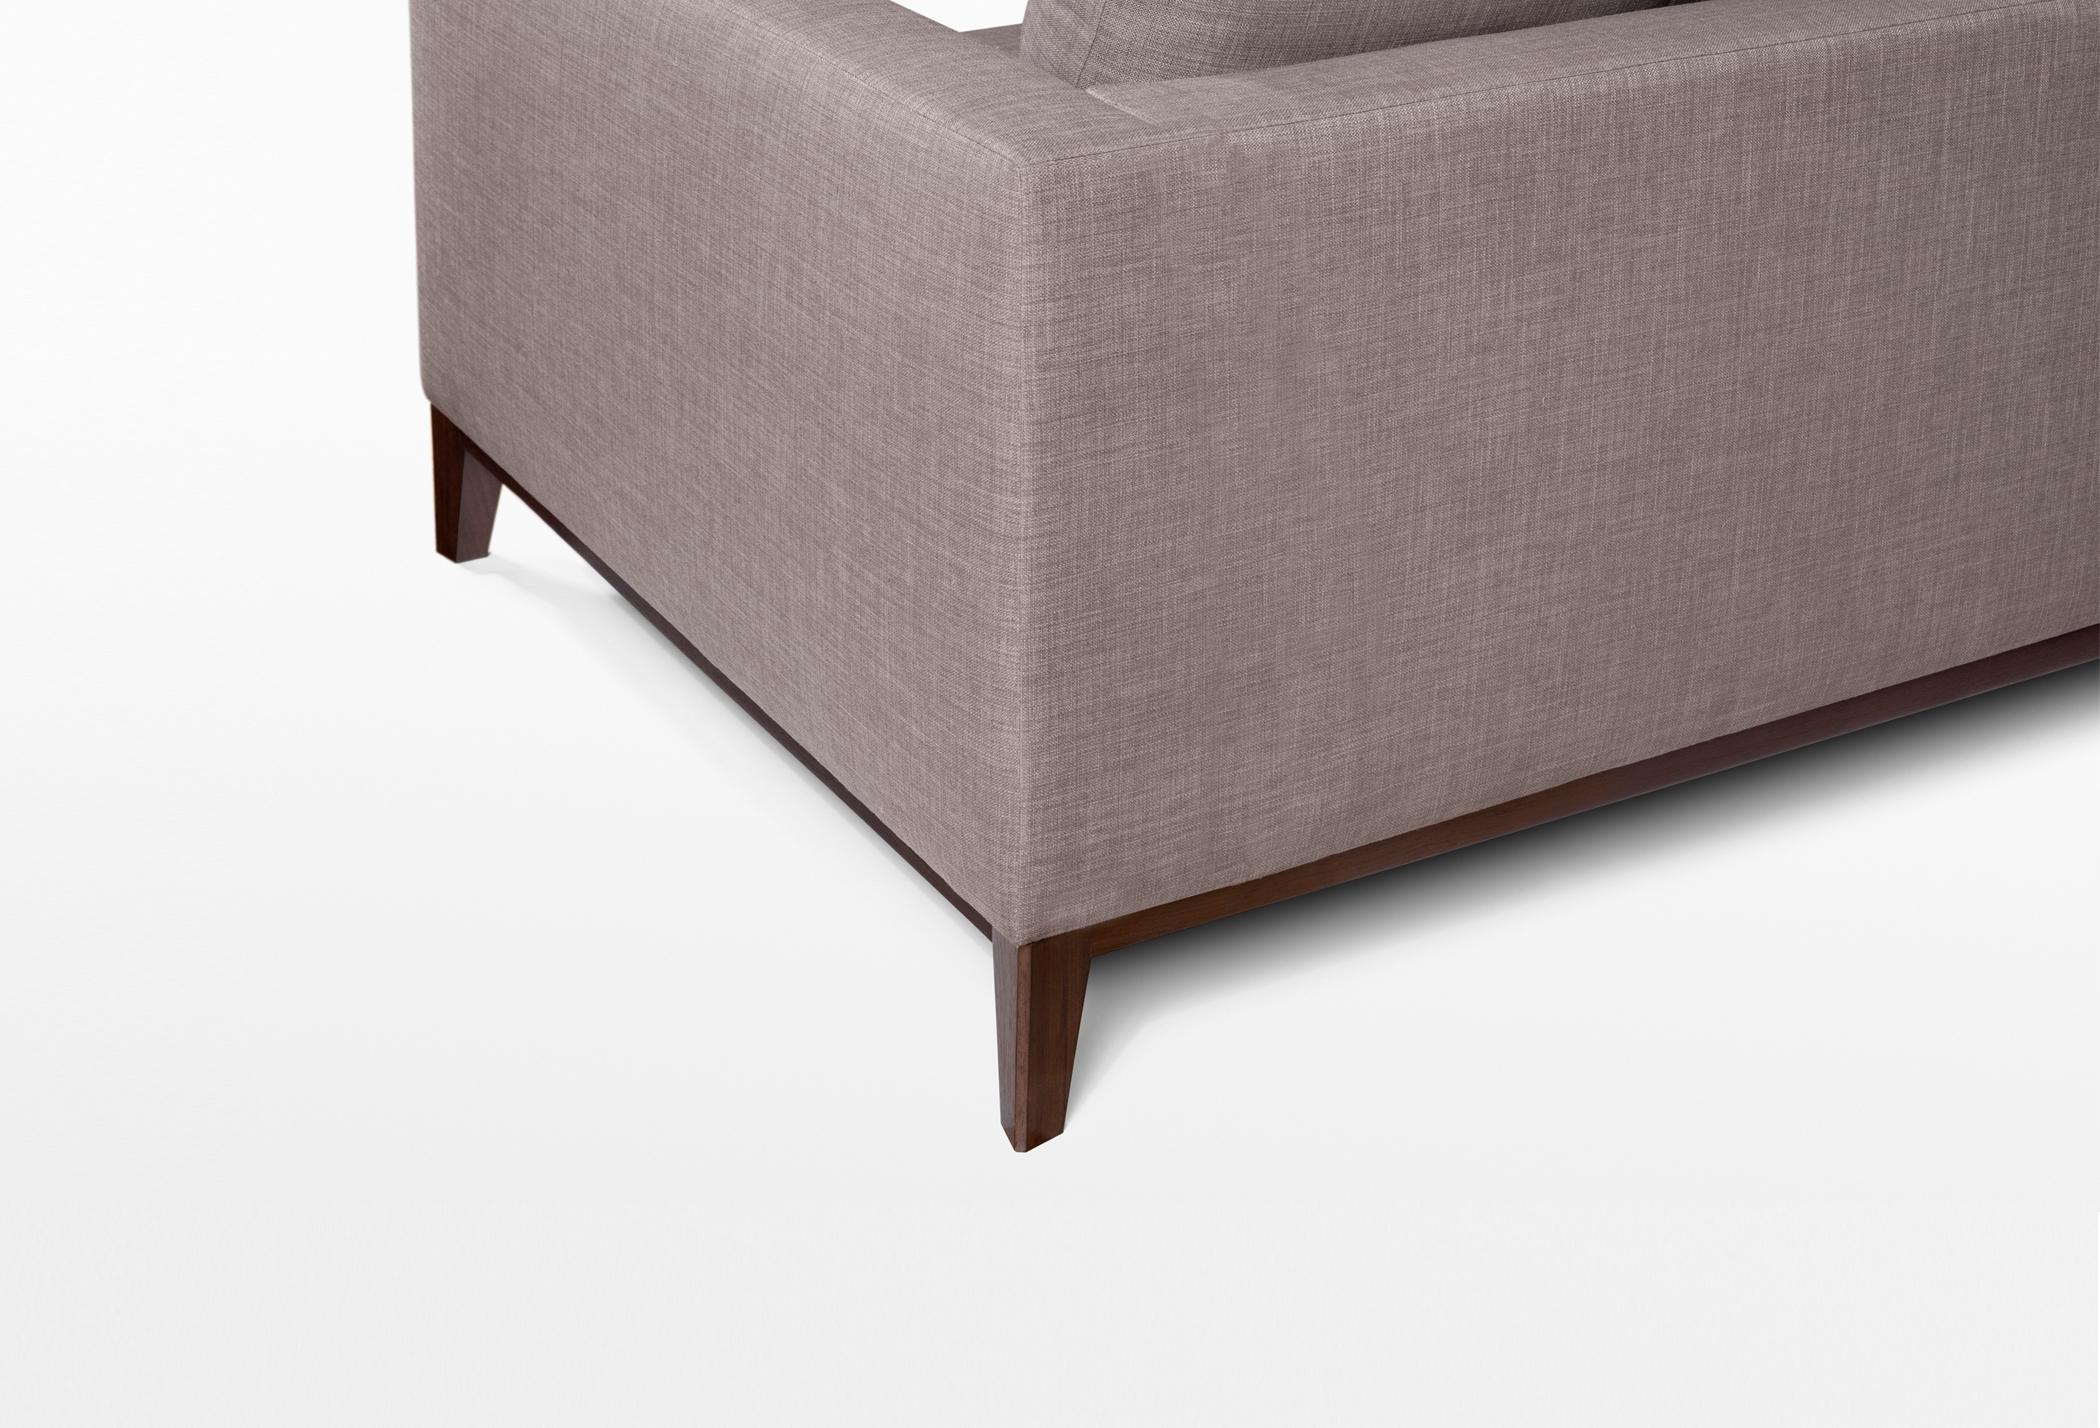 GILBERE-Leg Detail.jpg